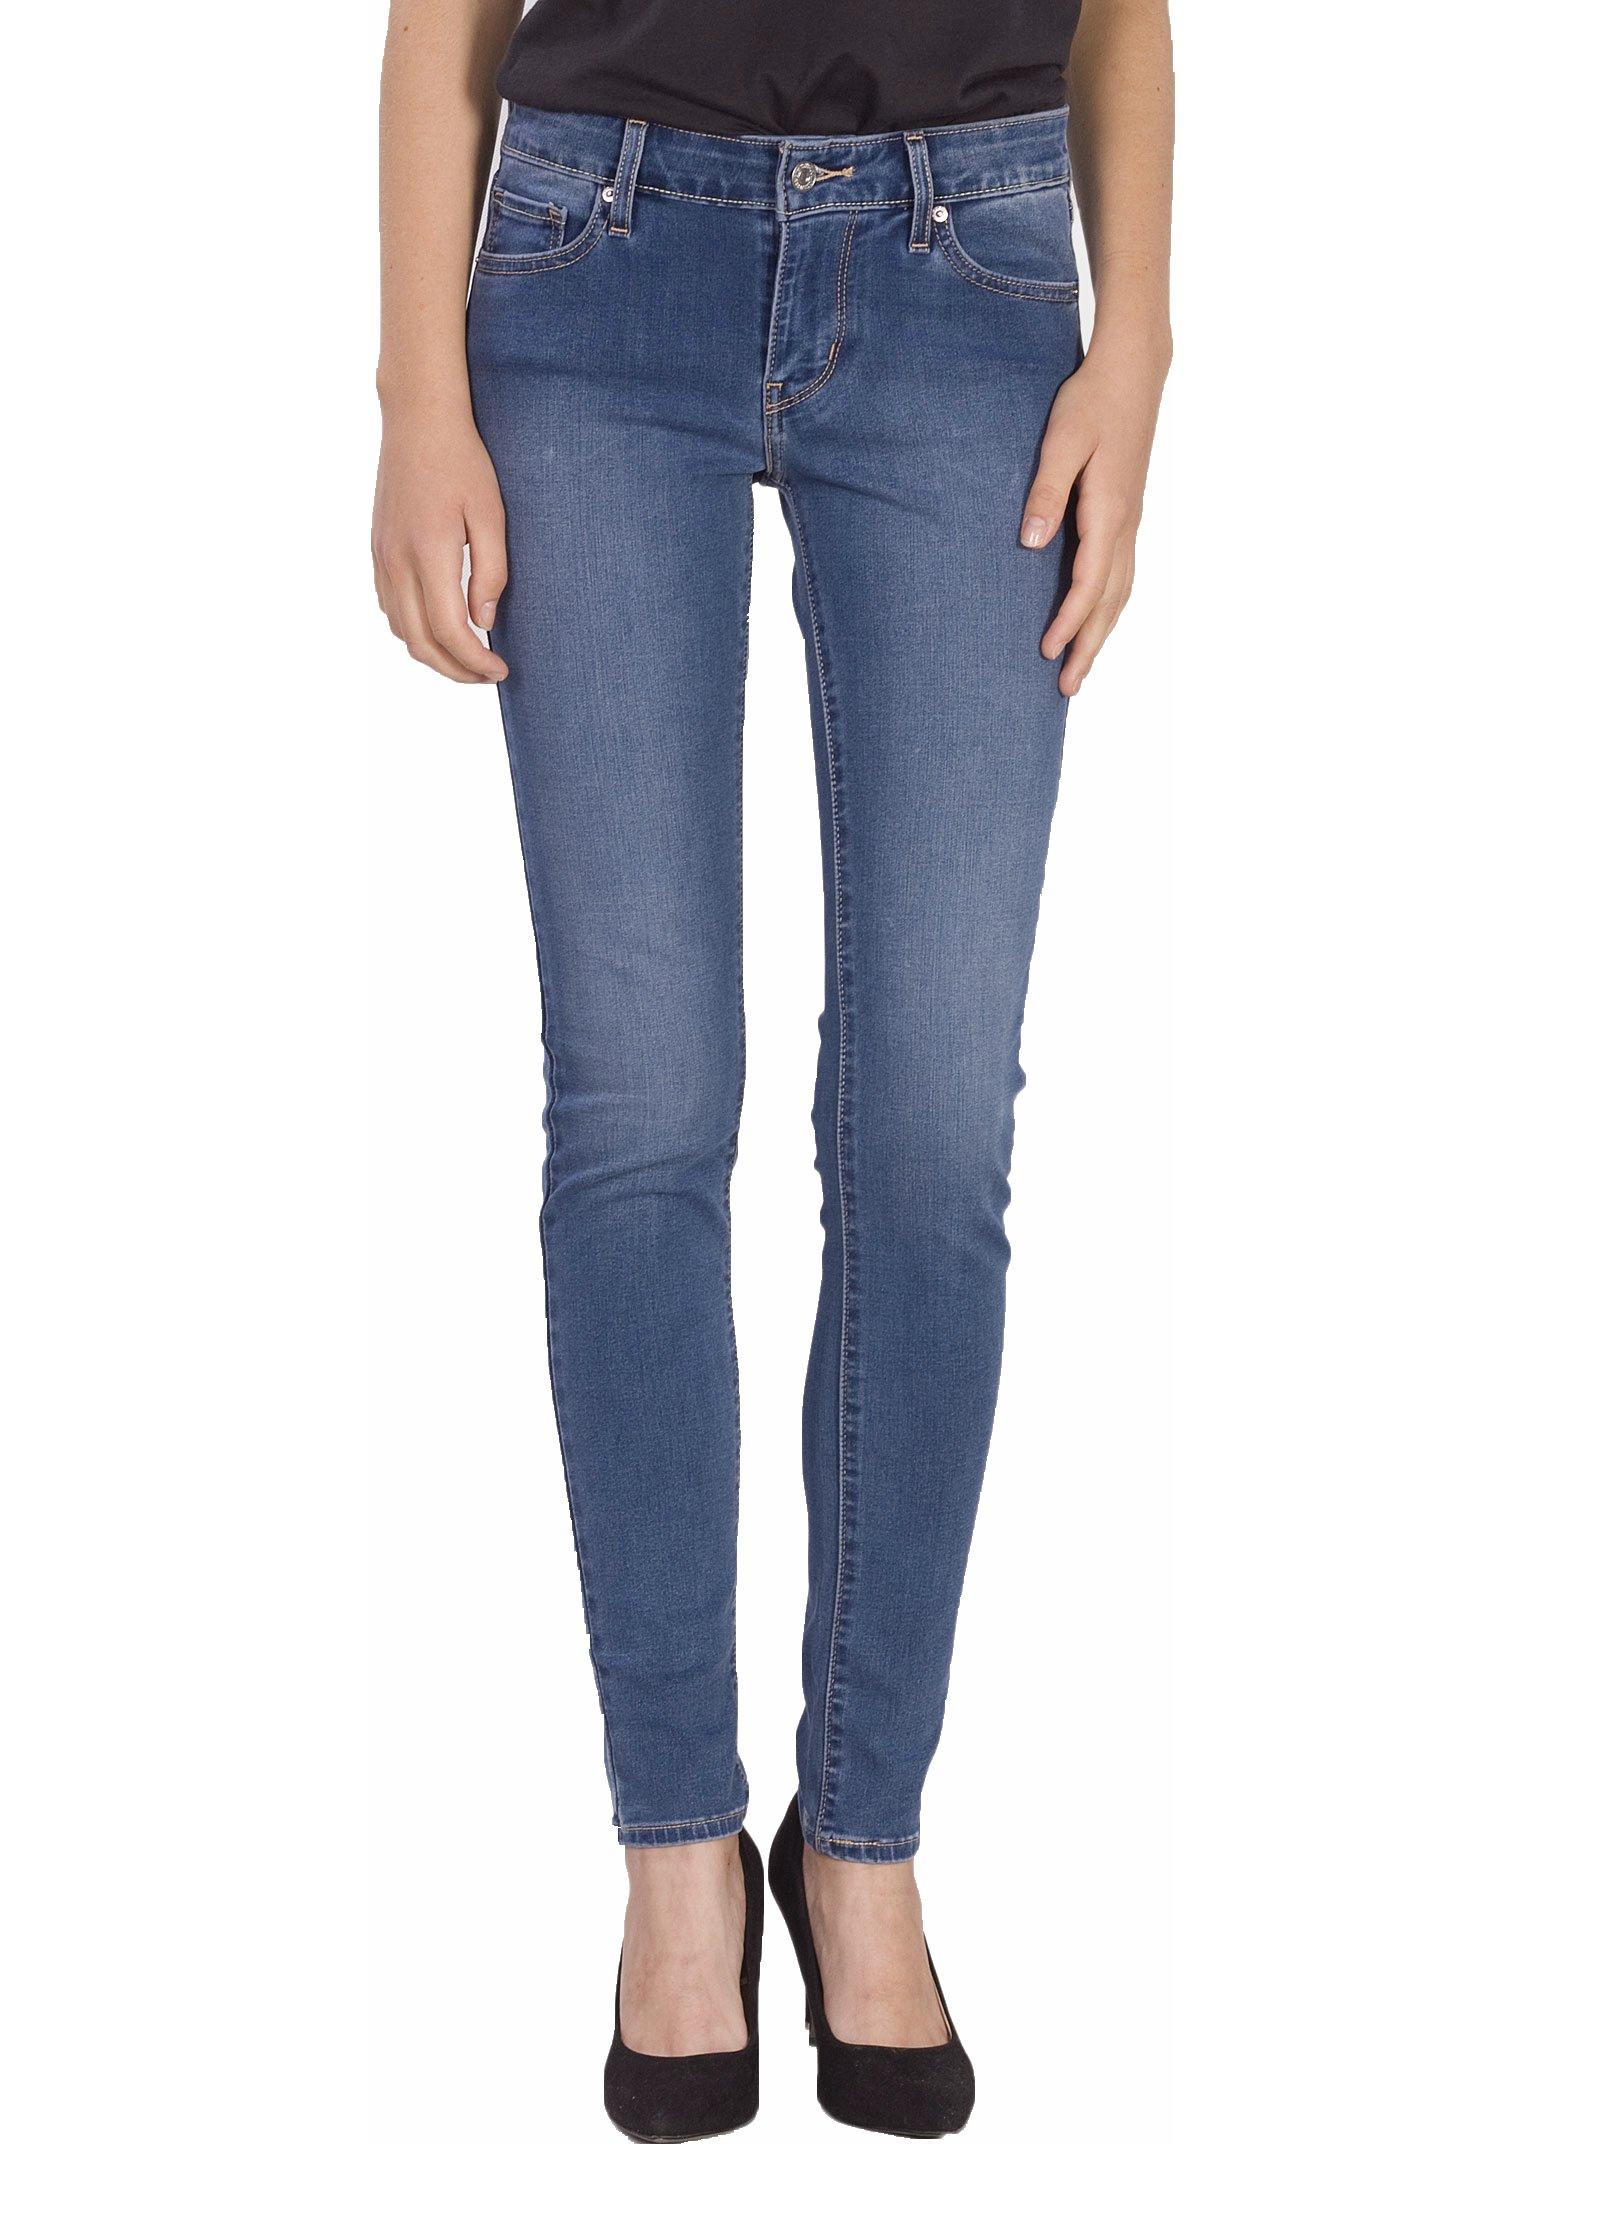 Levi's Jean Mujer 711 Skinny Easy Street